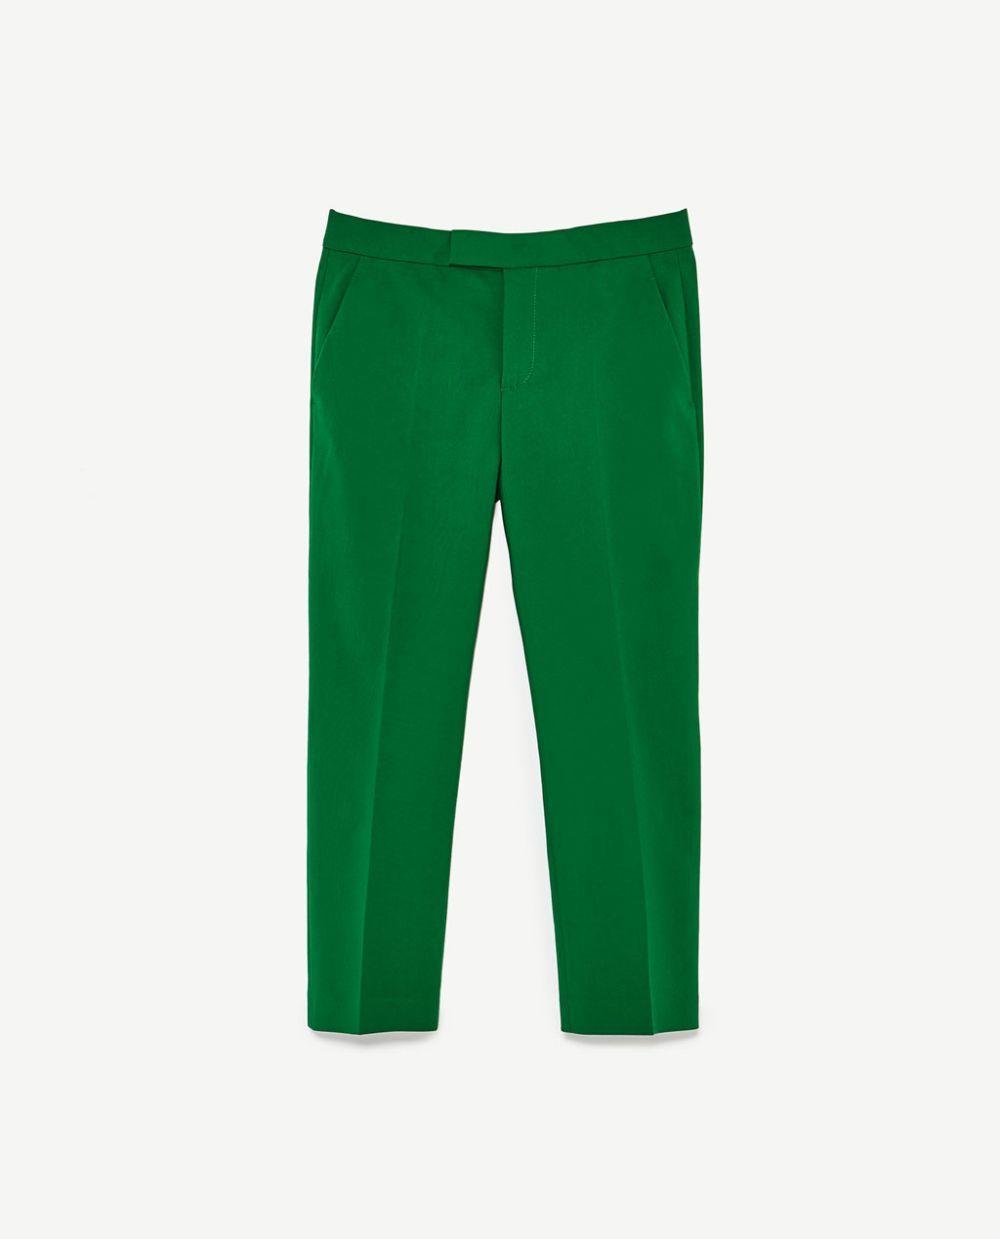 Pantalón de pinzas de Zara (29.99 euros).